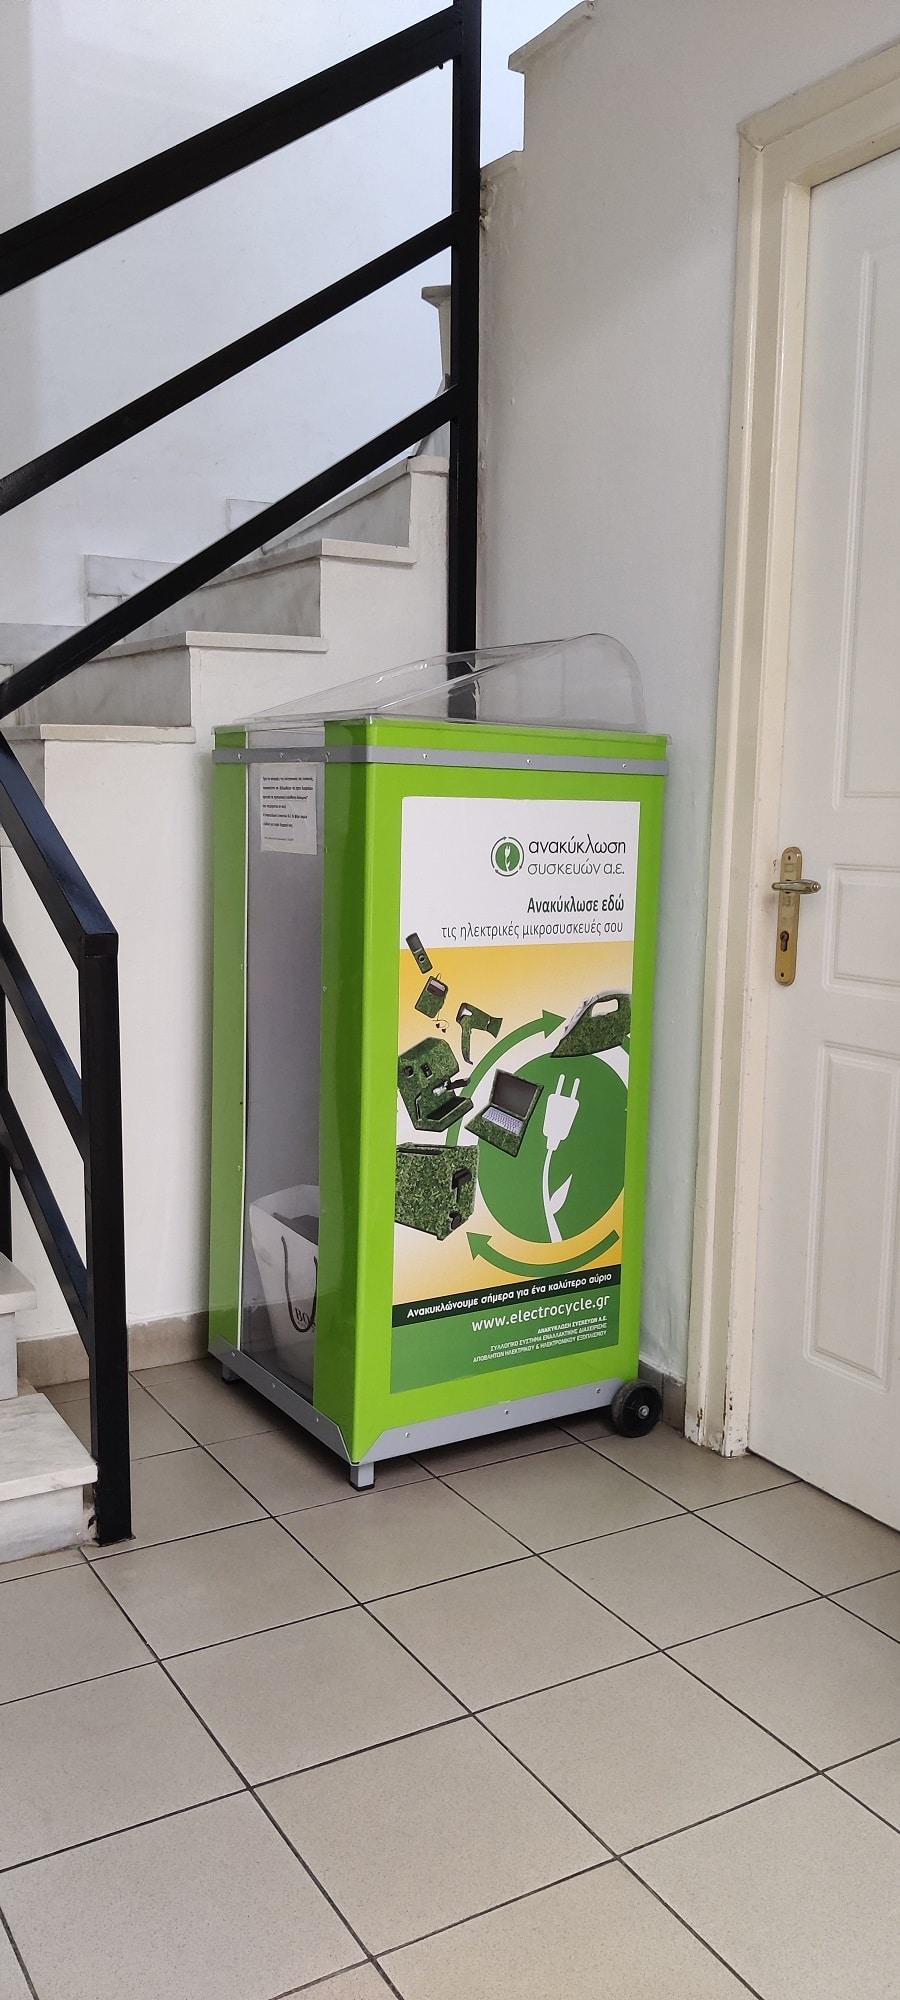 Δήμος Καλαβρύτων: Πρόγραμμα ανακύκλωσης ηλεκτρικών και ηλεκτρονικών συσκευών - Διαβάστε τις οδηγίες